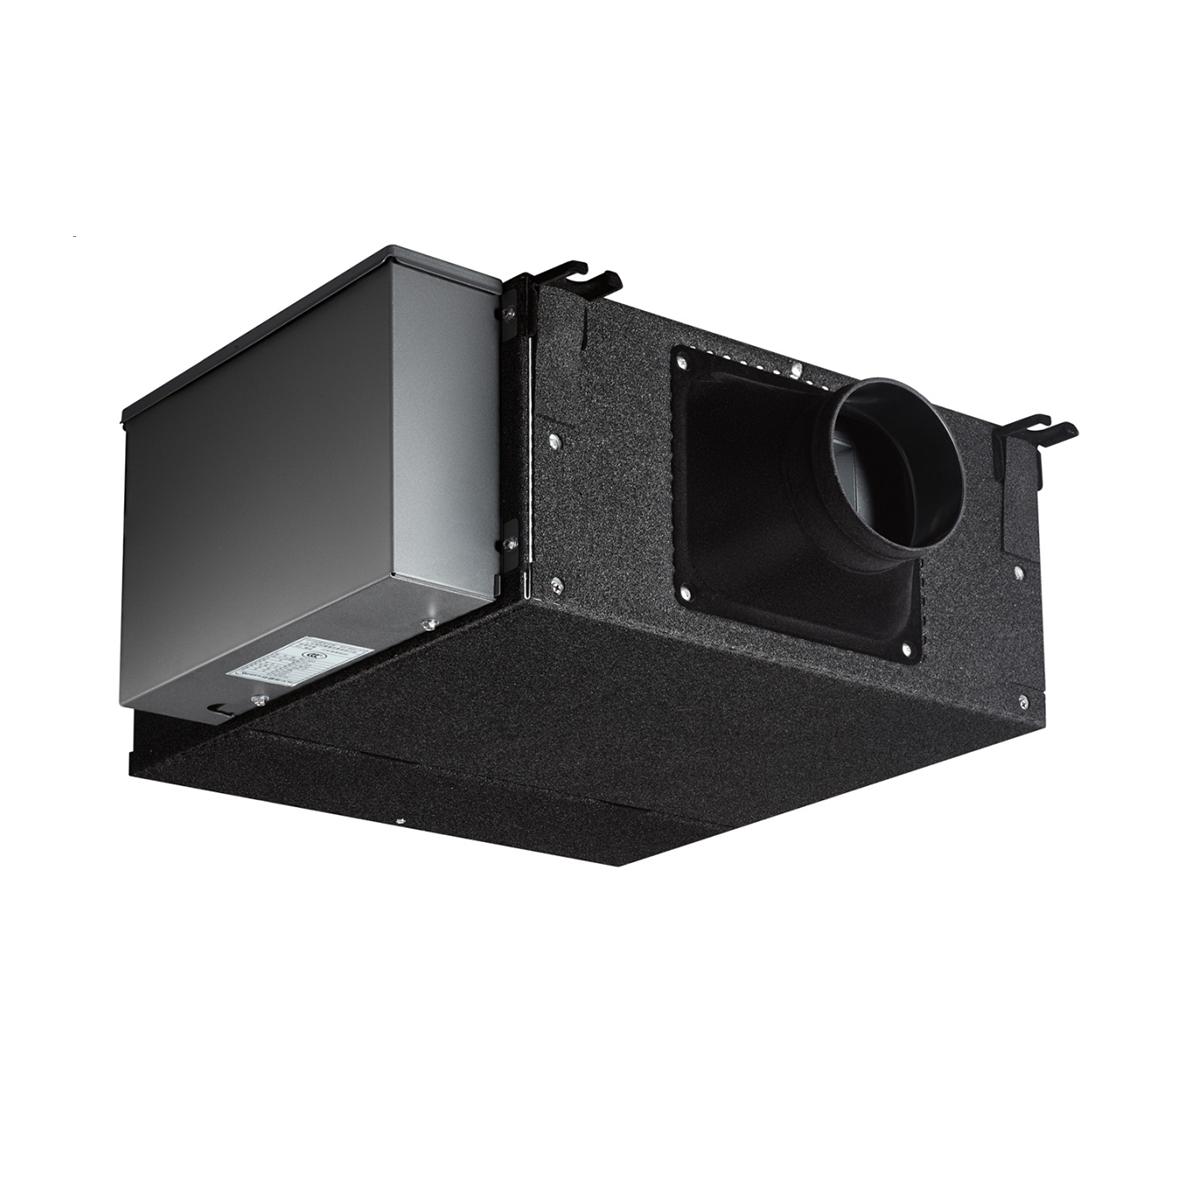 Midea/美的 XKJG150中央空调内机 说明书.pdf